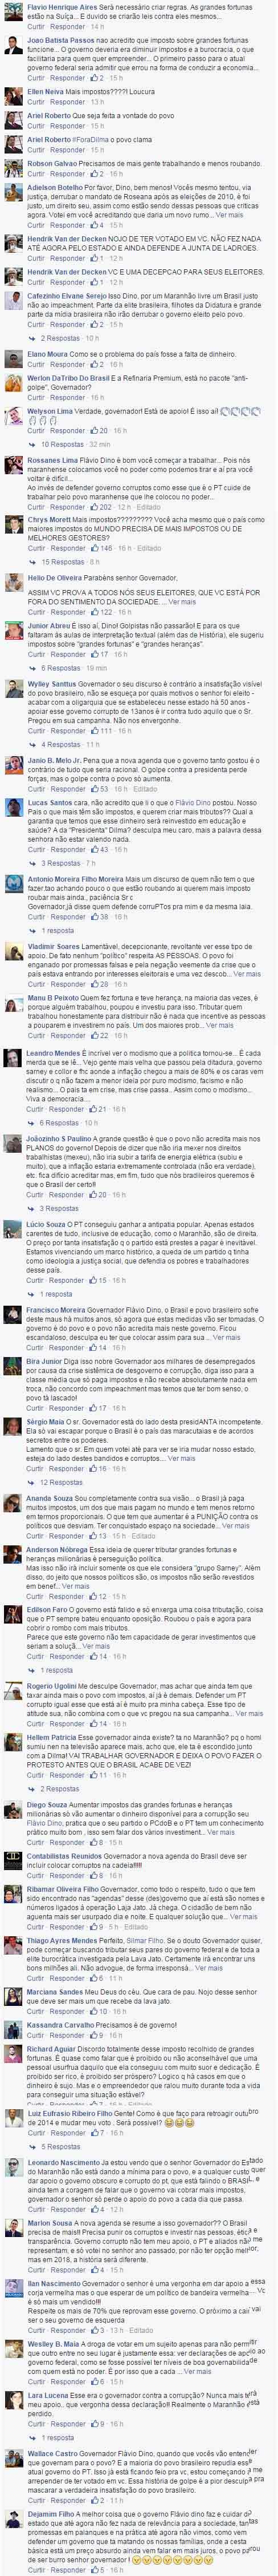 opiniaoDino